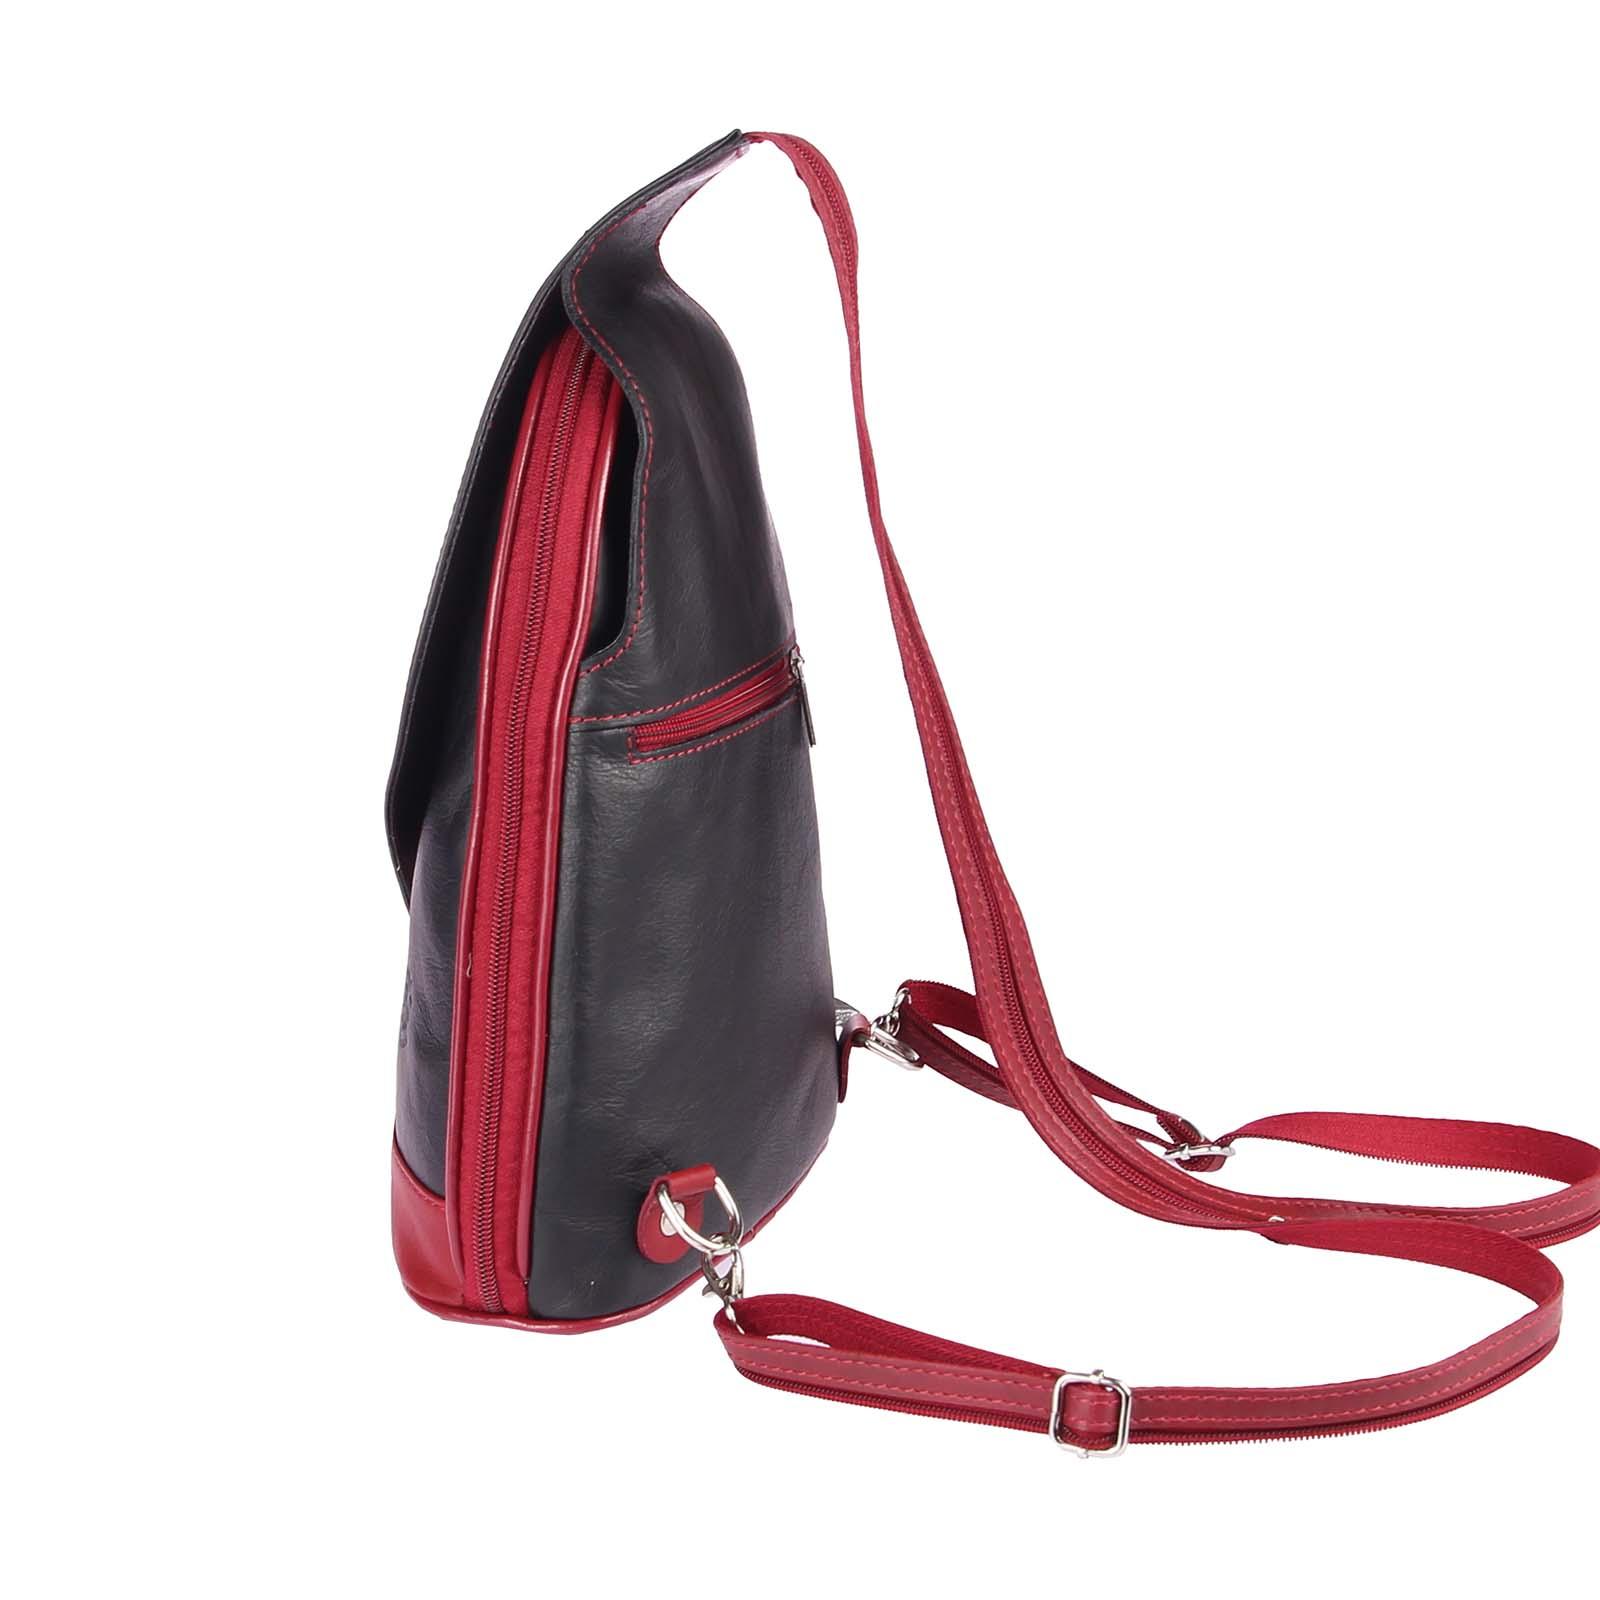 ITALY-DAMEN-LEDER-RUCKSACK-Schulter-Tasche-Reise-BACKPACK-Lederrucksack-it-BAG Indexbild 25